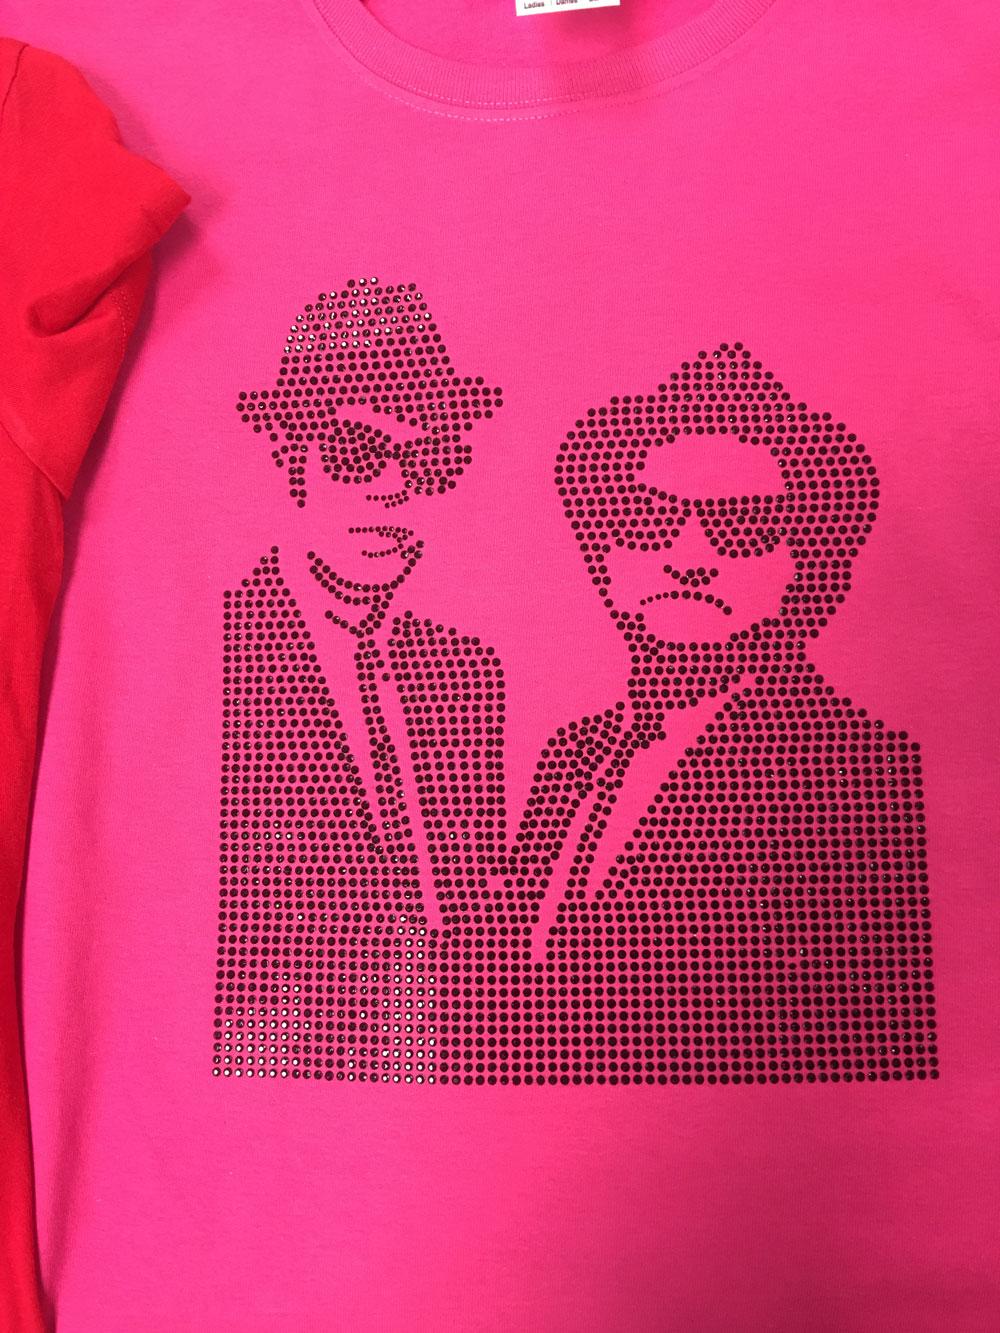 Blues Brothers Fan Art